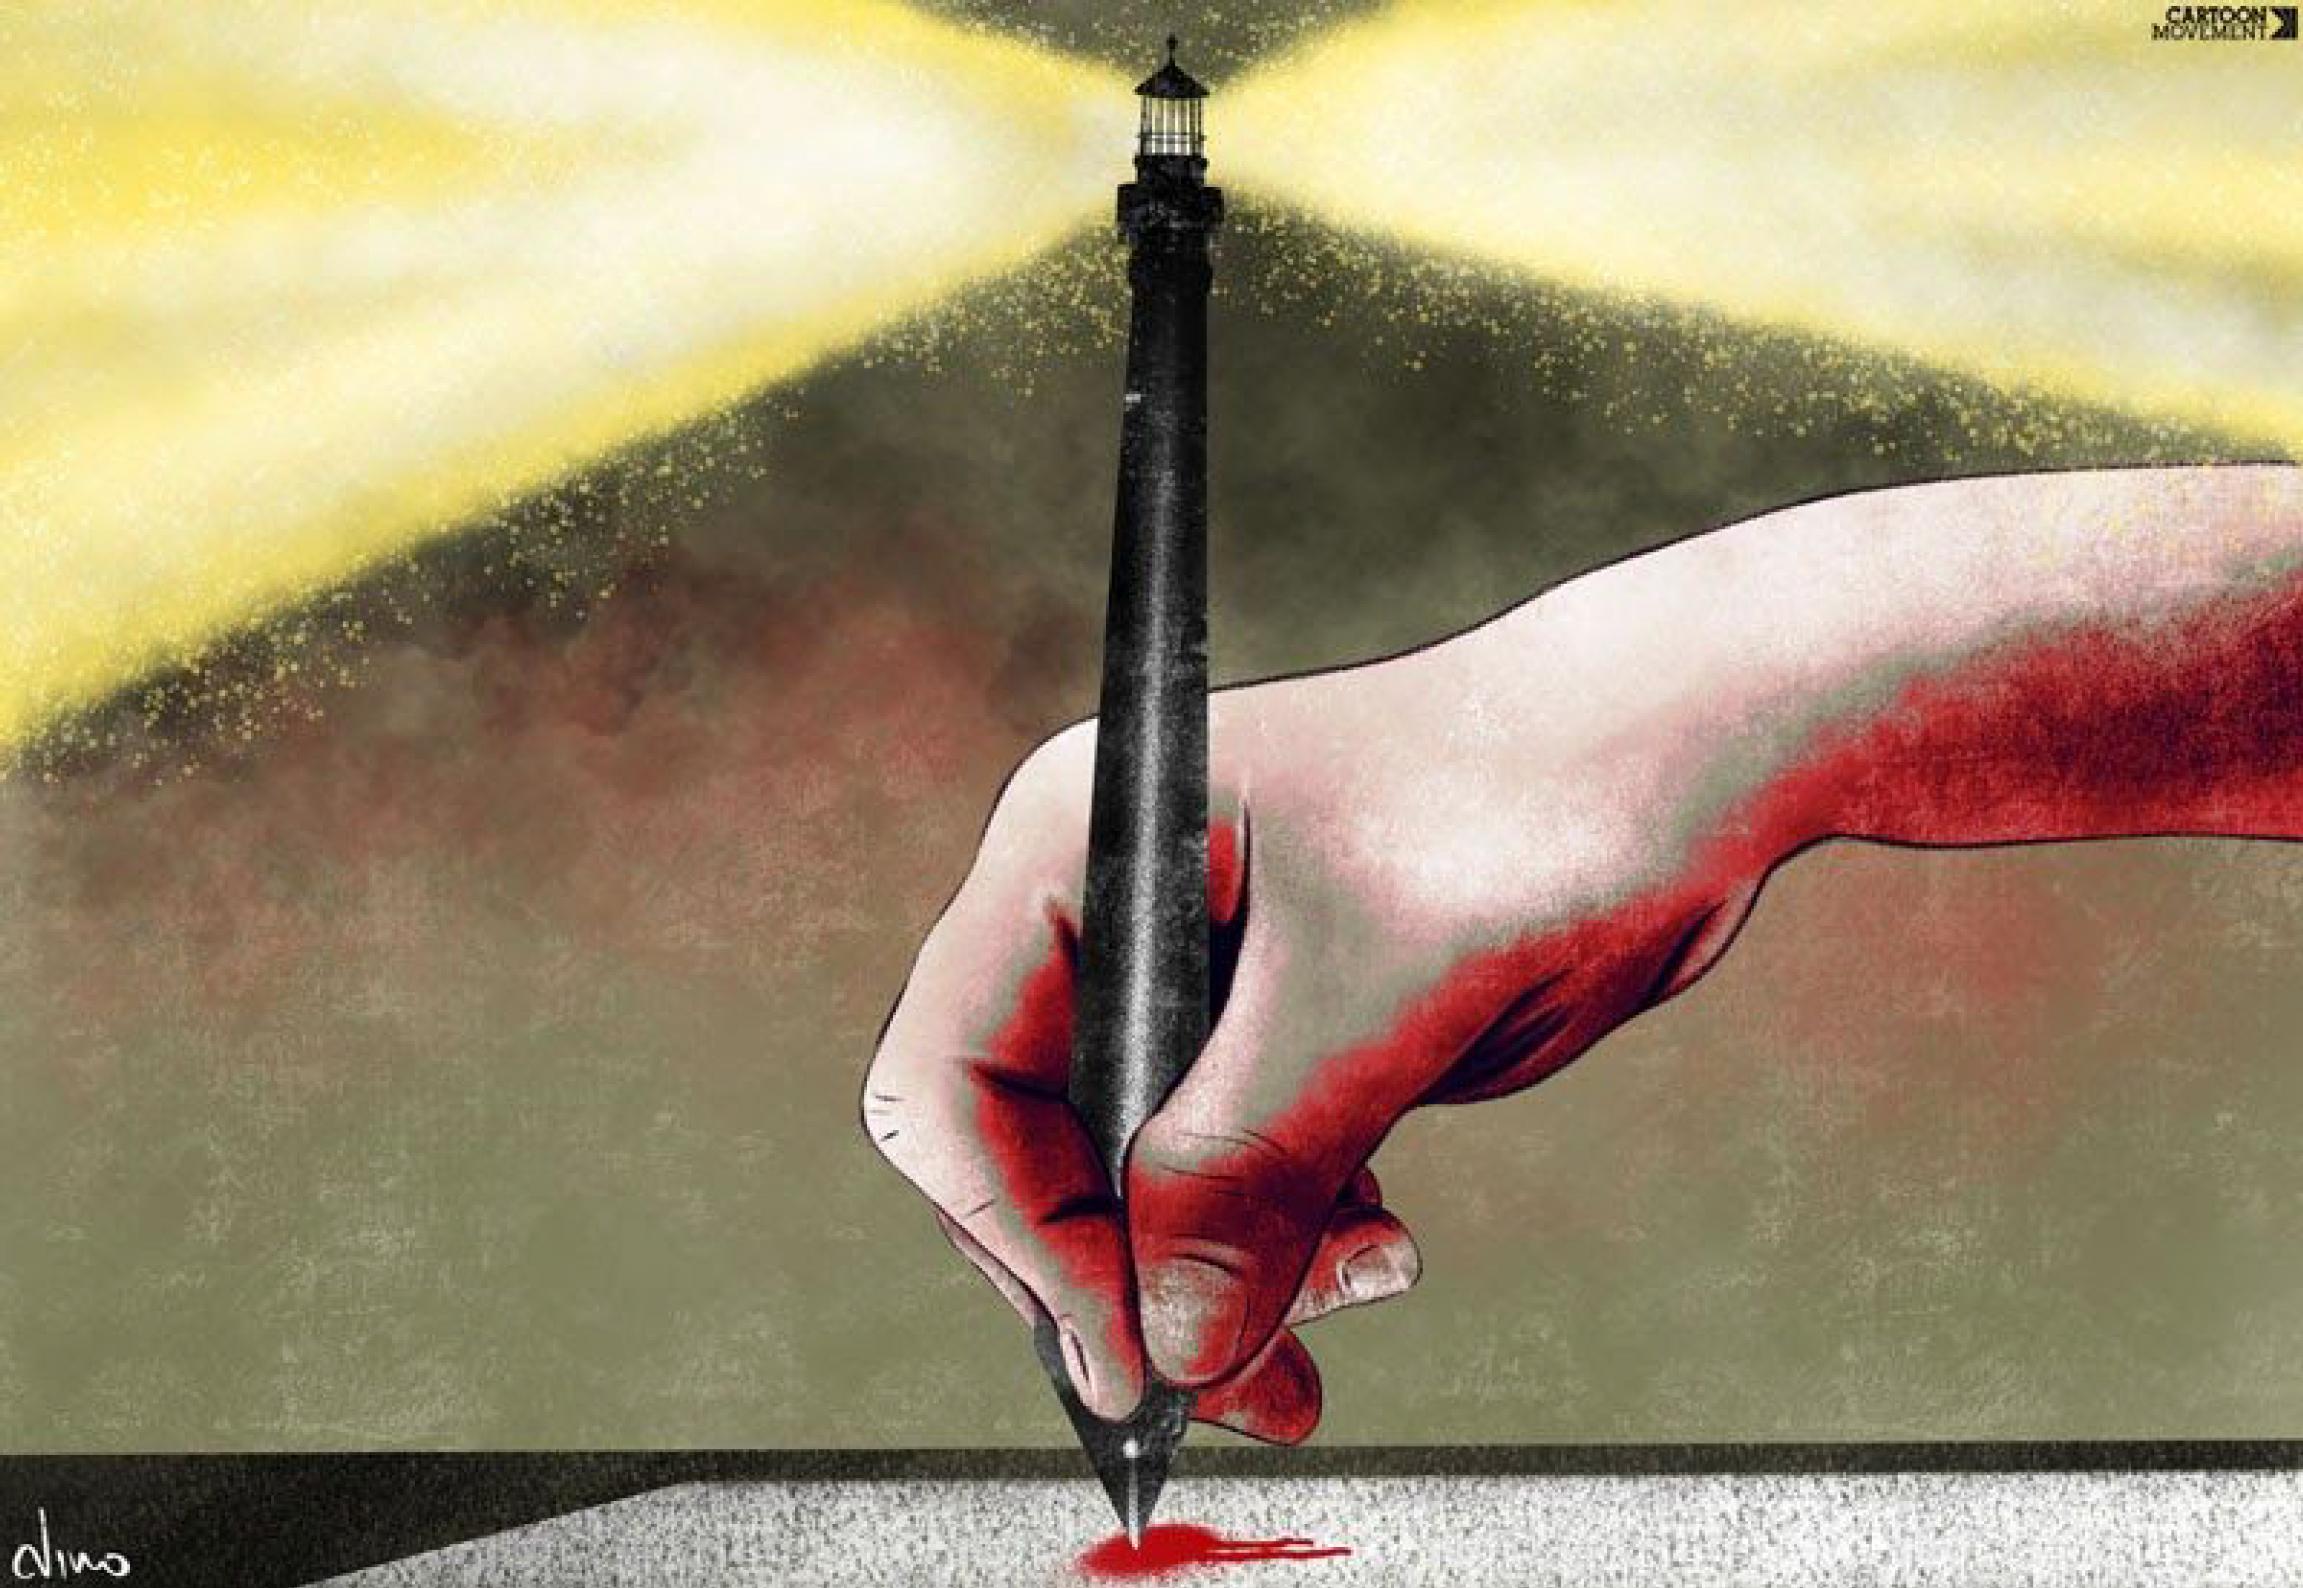 The pen as a beacon of freedom - Dino - Greece